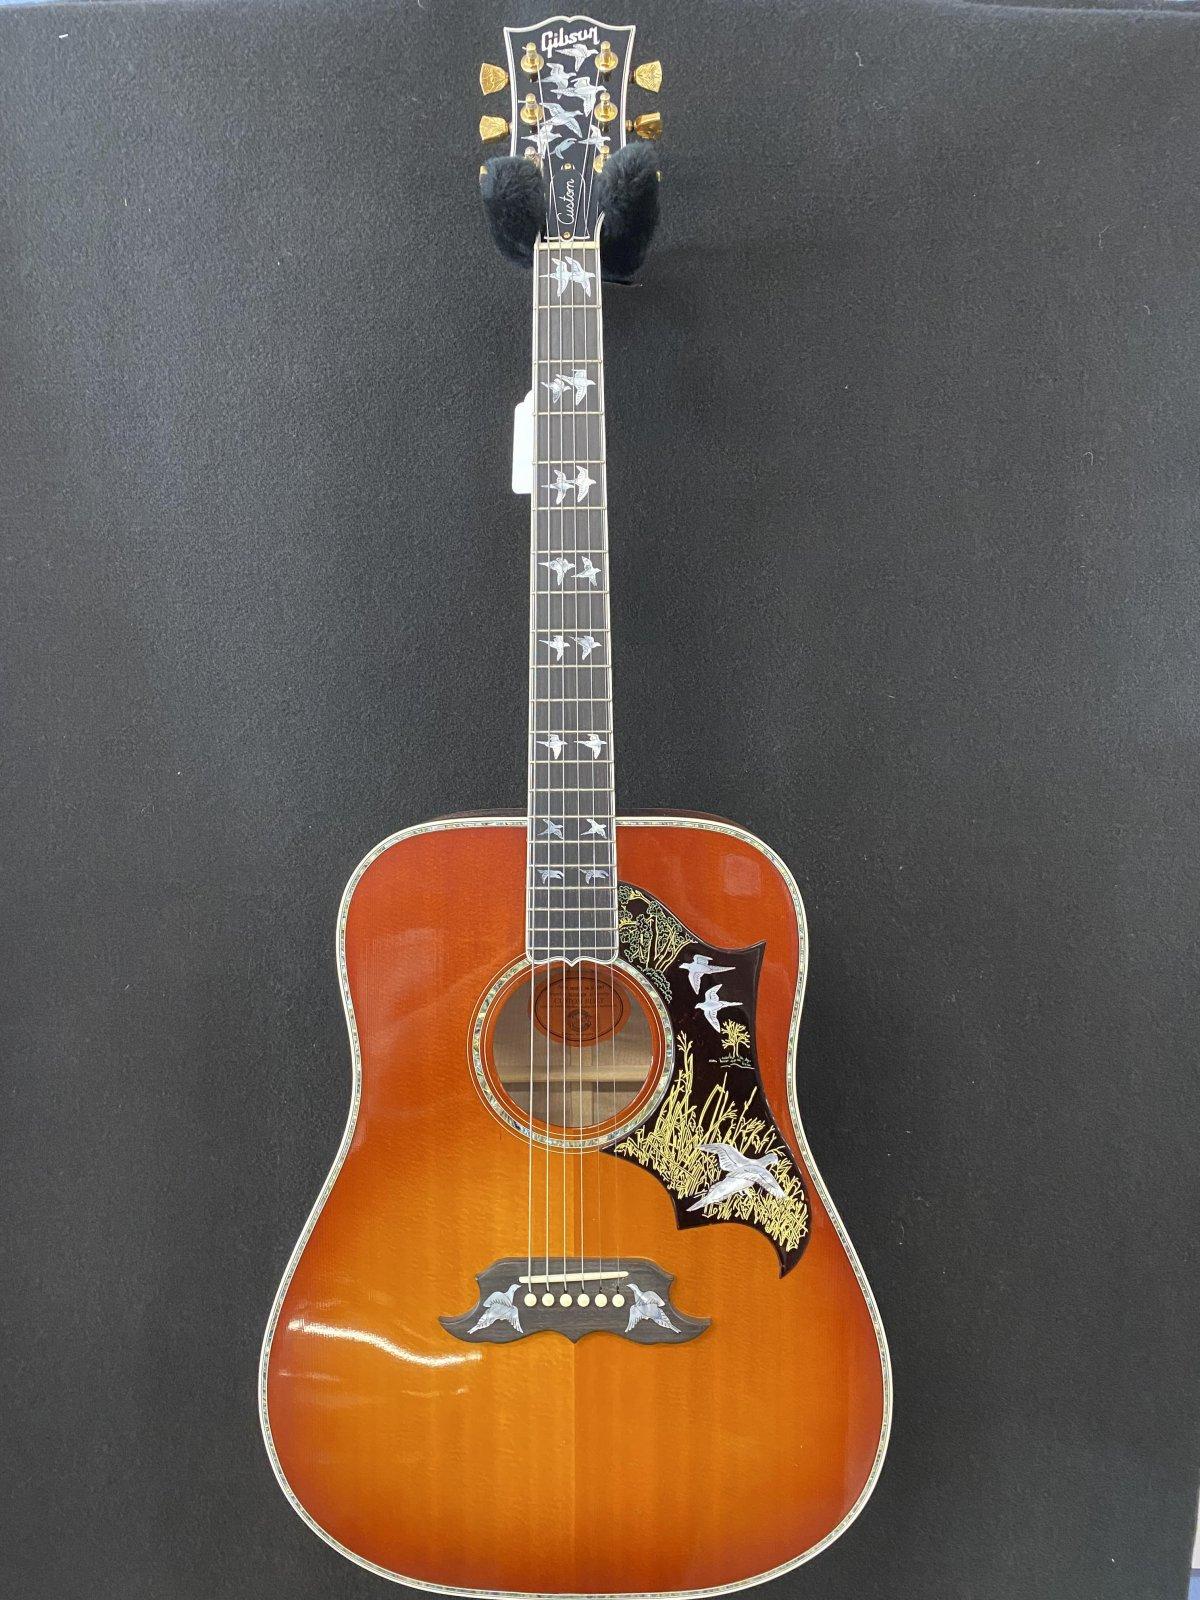 2001 Gibson Dove in Flight #76 of 250